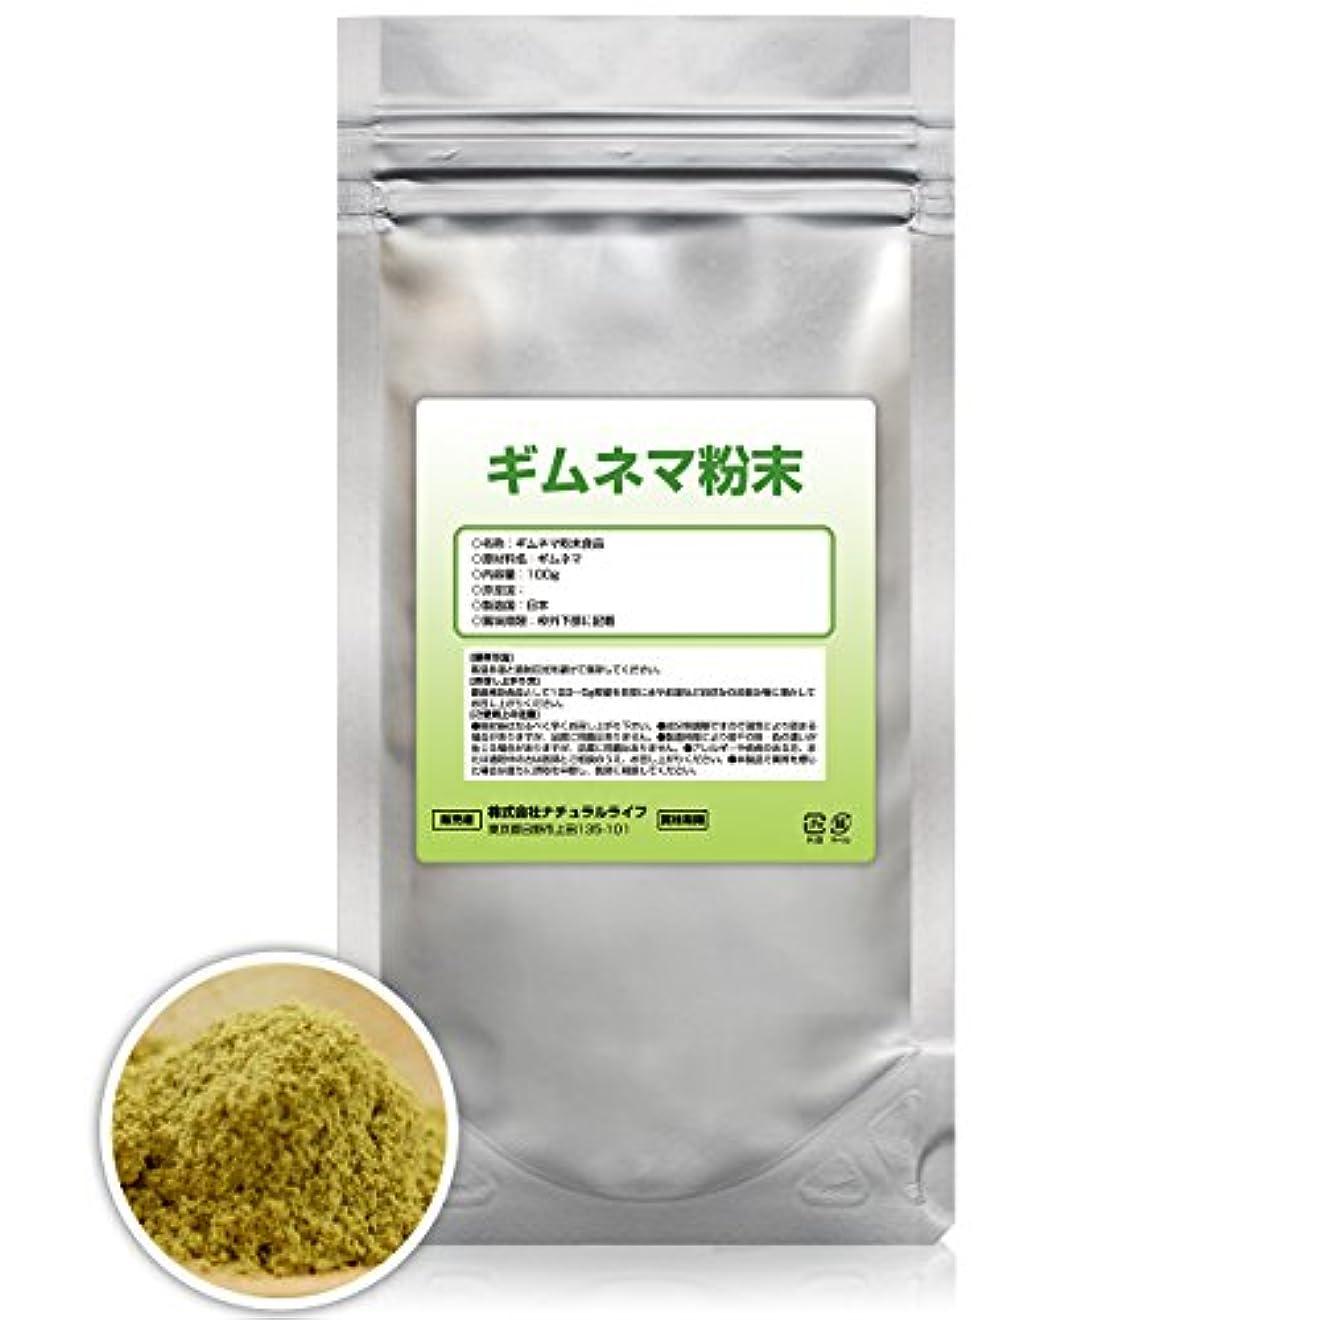 むさぼり食う合わせて辞書ギムネマ粉末[100g]天然ピュア原料(無添加)健康食品(ぎむねま)